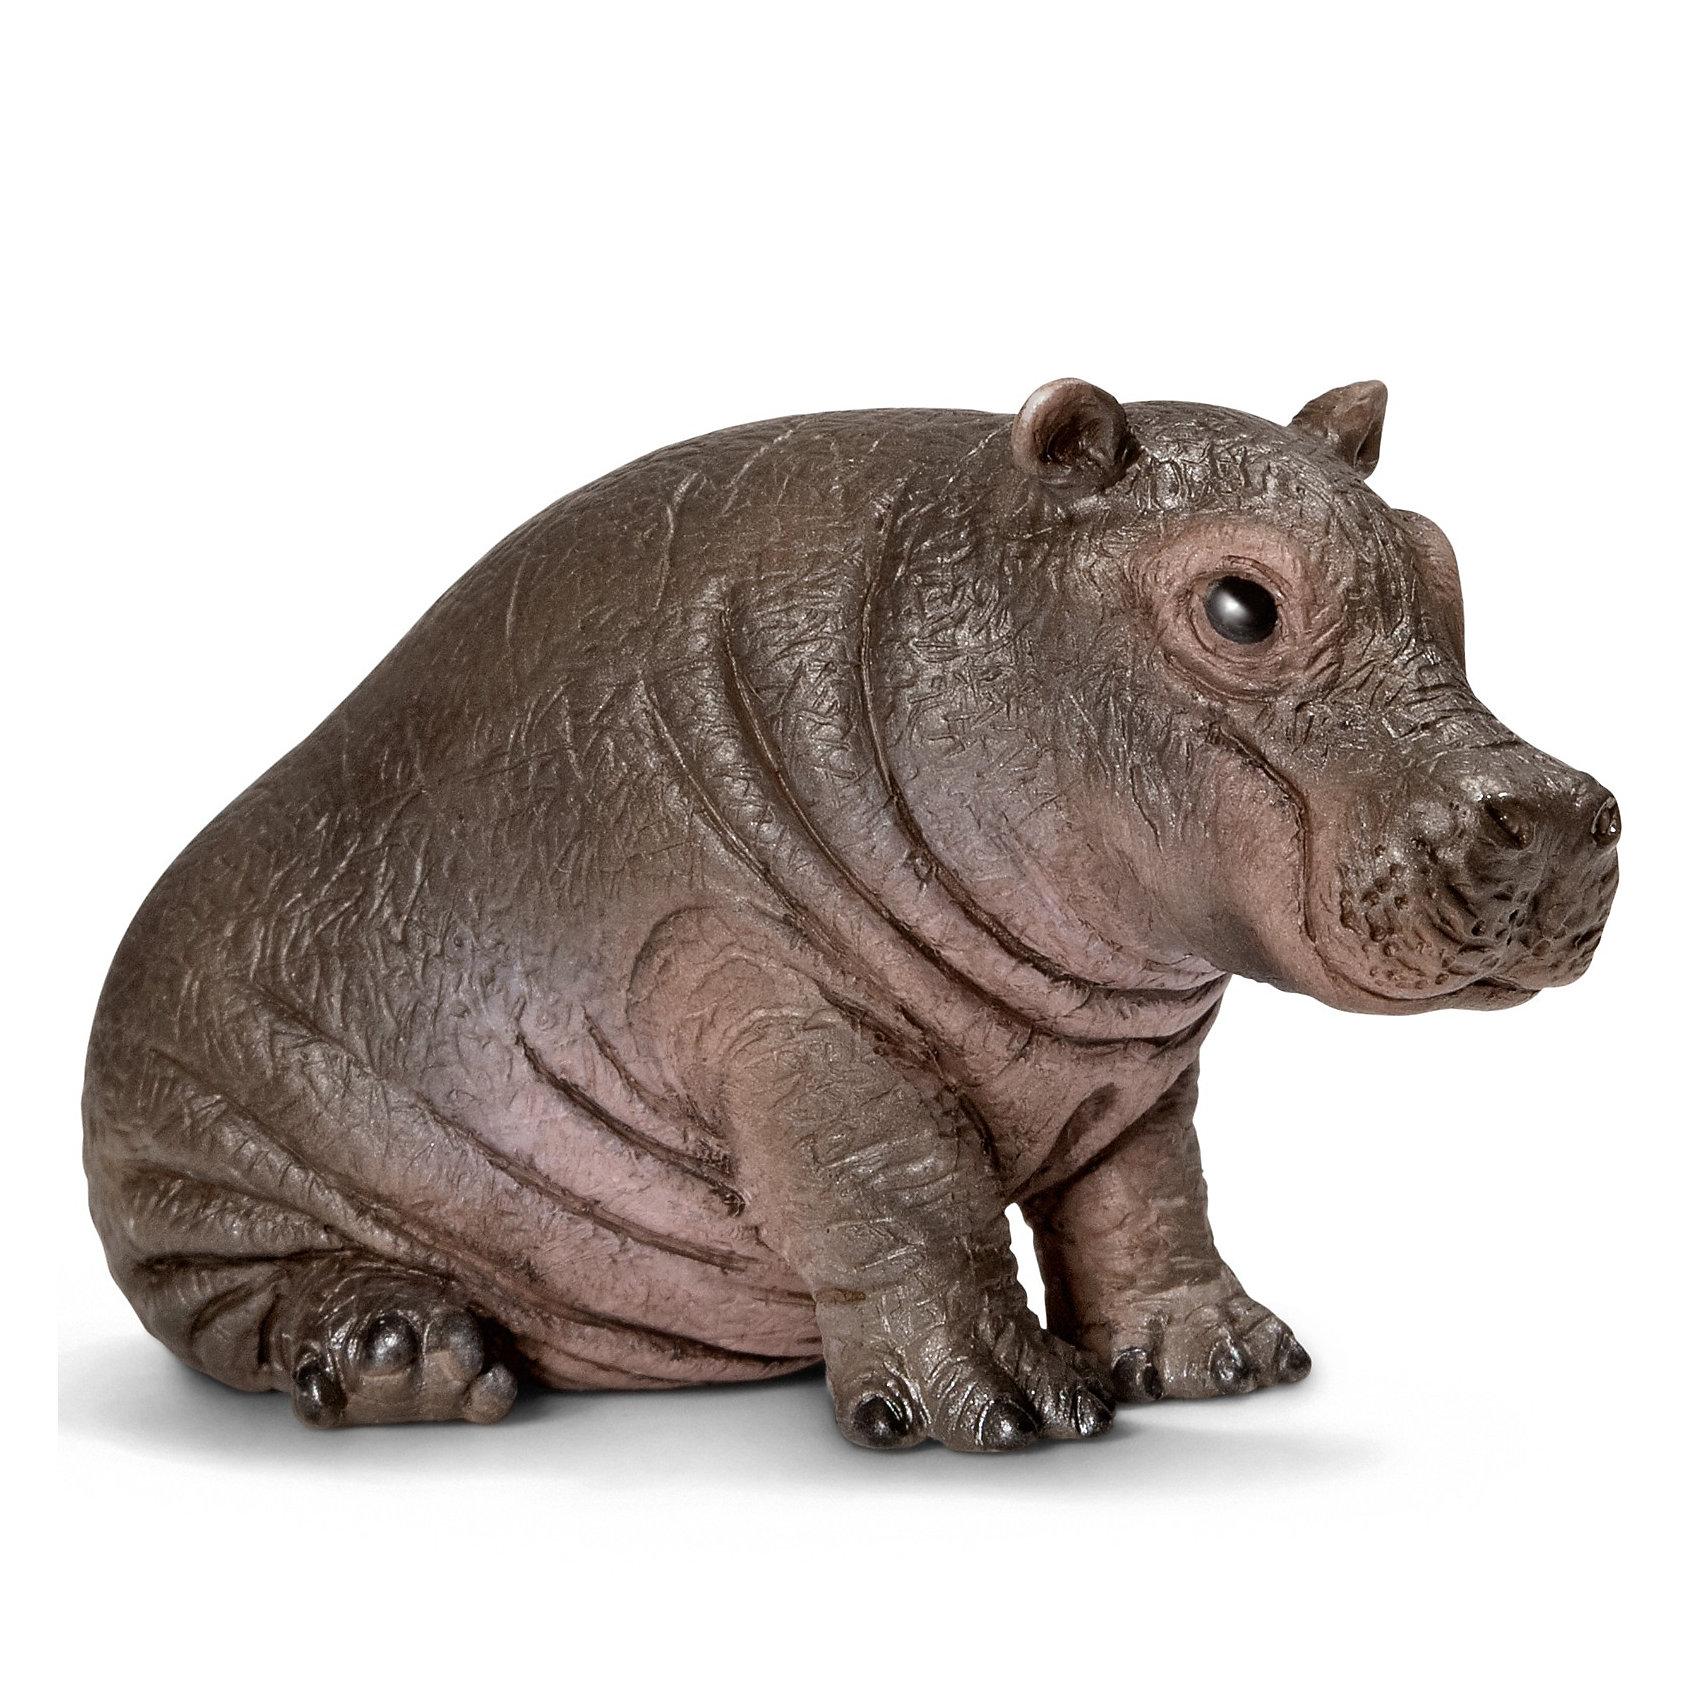 Schleich Гиппопотам, детеныш. Серия Дикие животныеГиппопотам — одно из крупнейших современных наземных животных. Он обитает в Африке, имеет большие и острые зубы.<br>Пластиковая фигурка от «Schleich (Шляйх)» кажется настоящим гиппопотамом, только очень-очень маленьким, легко помещающегося на ладони. Начните коллекцию крохотных животных с этой игрушки.<br><br>Дополнительная информация:<br><br>Размеры: 5,7х3,4х3,3 см<br>Материал: пластик<br>Фигурка раскрашена вручную<br><br>Фигурку детеныша гиппопотама от Schleich (Шляйх), серии Дикие животные можно купить в нашем магазине.<br><br>Ширина мм: 92<br>Глубина мм: 41<br>Высота мм: 32<br>Вес г: 26<br>Возраст от месяцев: 36<br>Возраст до месяцев: 96<br>Пол: Унисекс<br>Возраст: Детский<br>SKU: 2609258